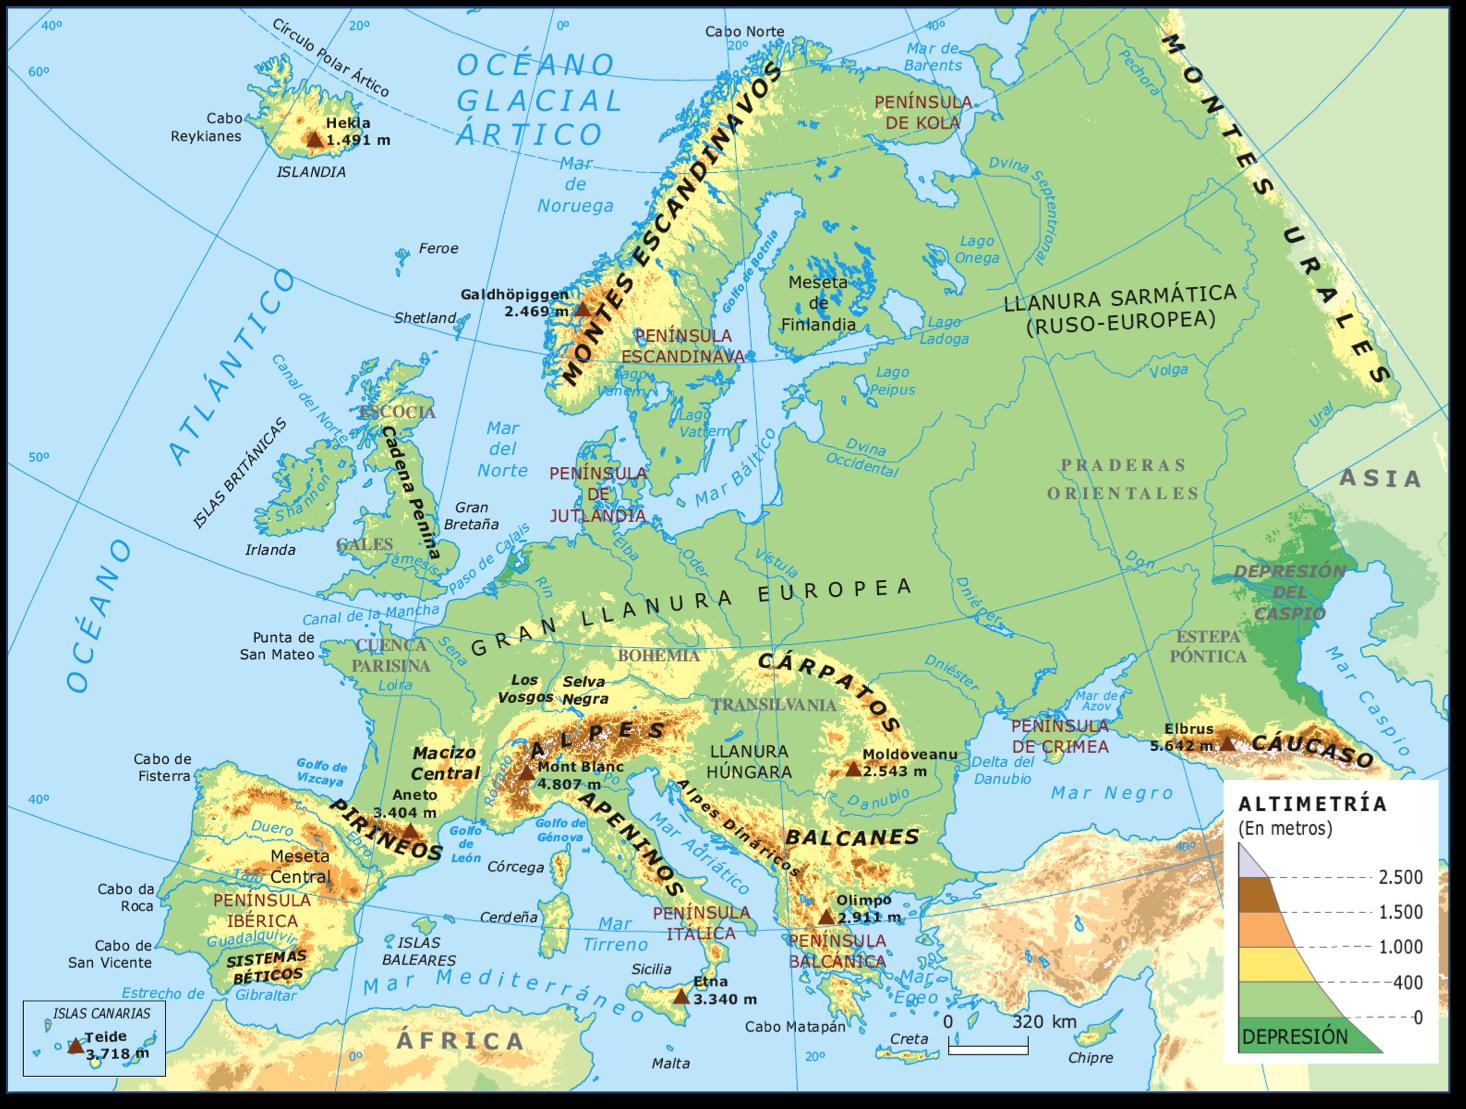 Mapa Mudo Europa Físico.Mapa Mudo De Lagos De Europa